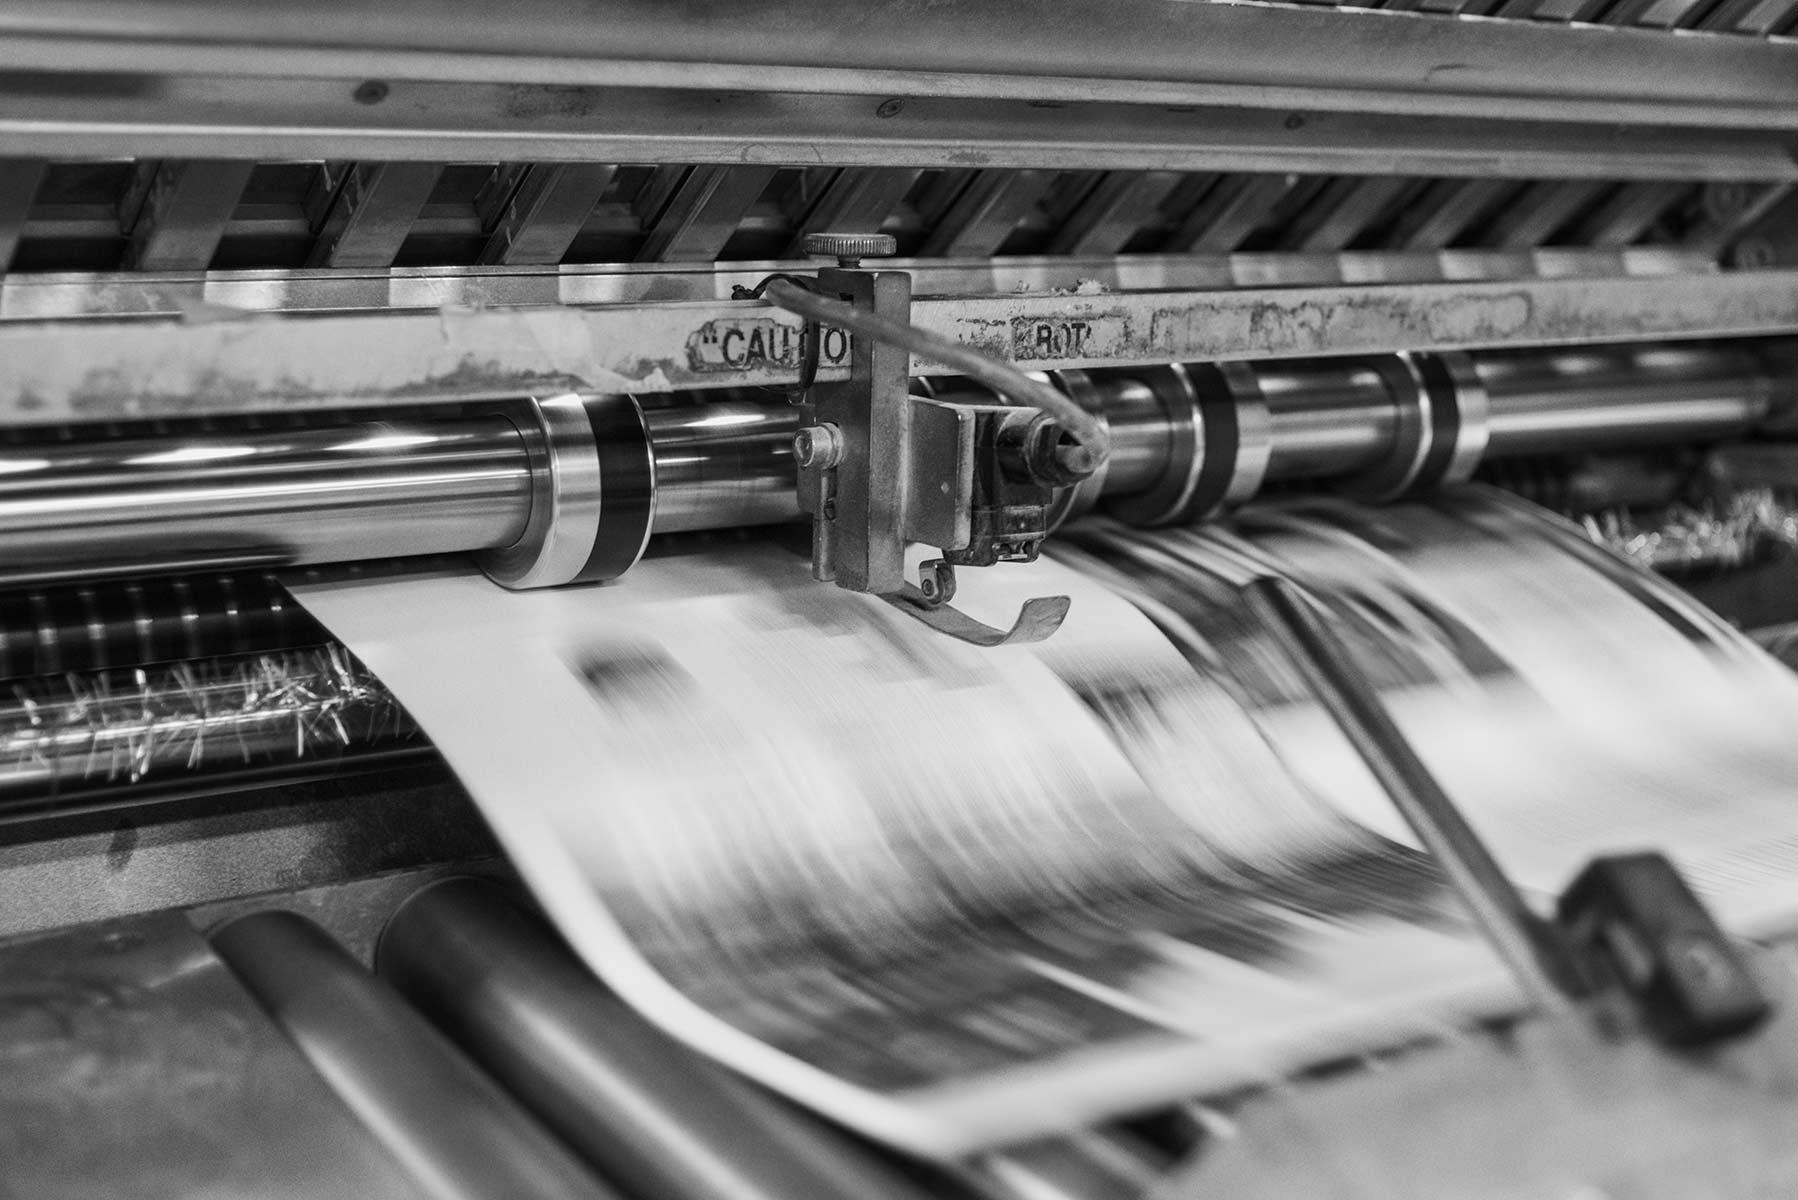 Druckmaschine Magazine